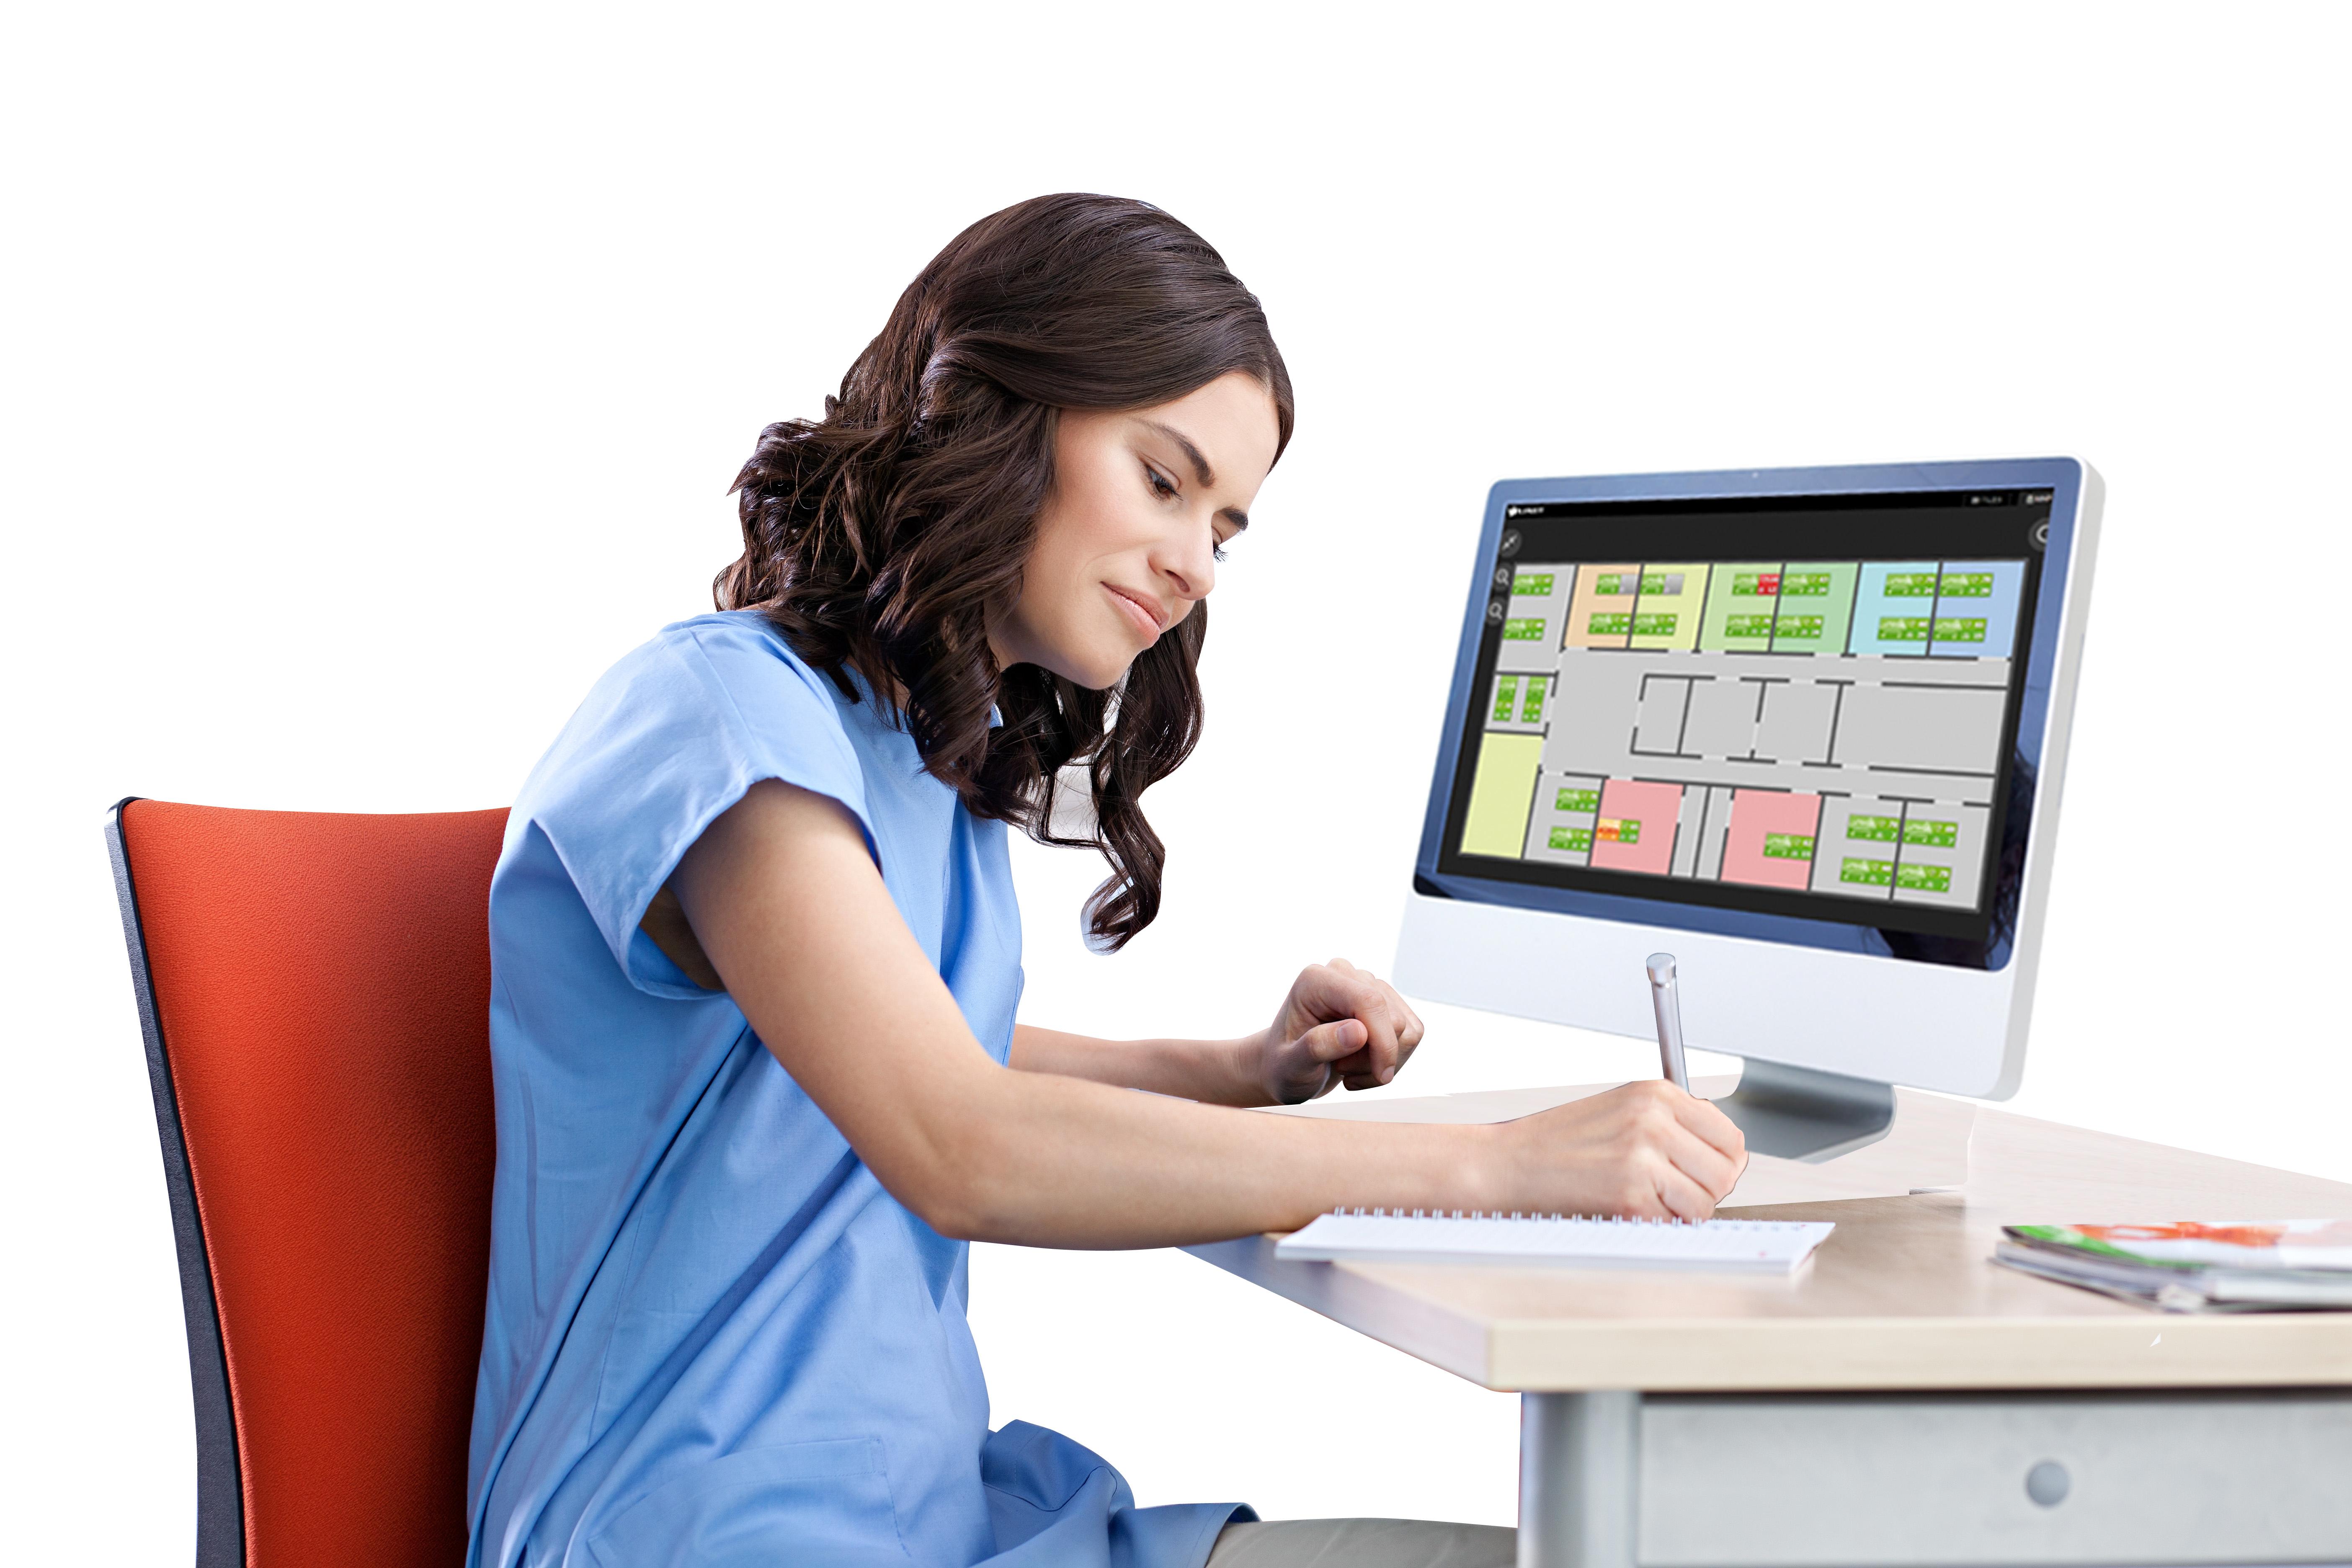 Assistenzsysteme erhöhen die Patientensicherheit